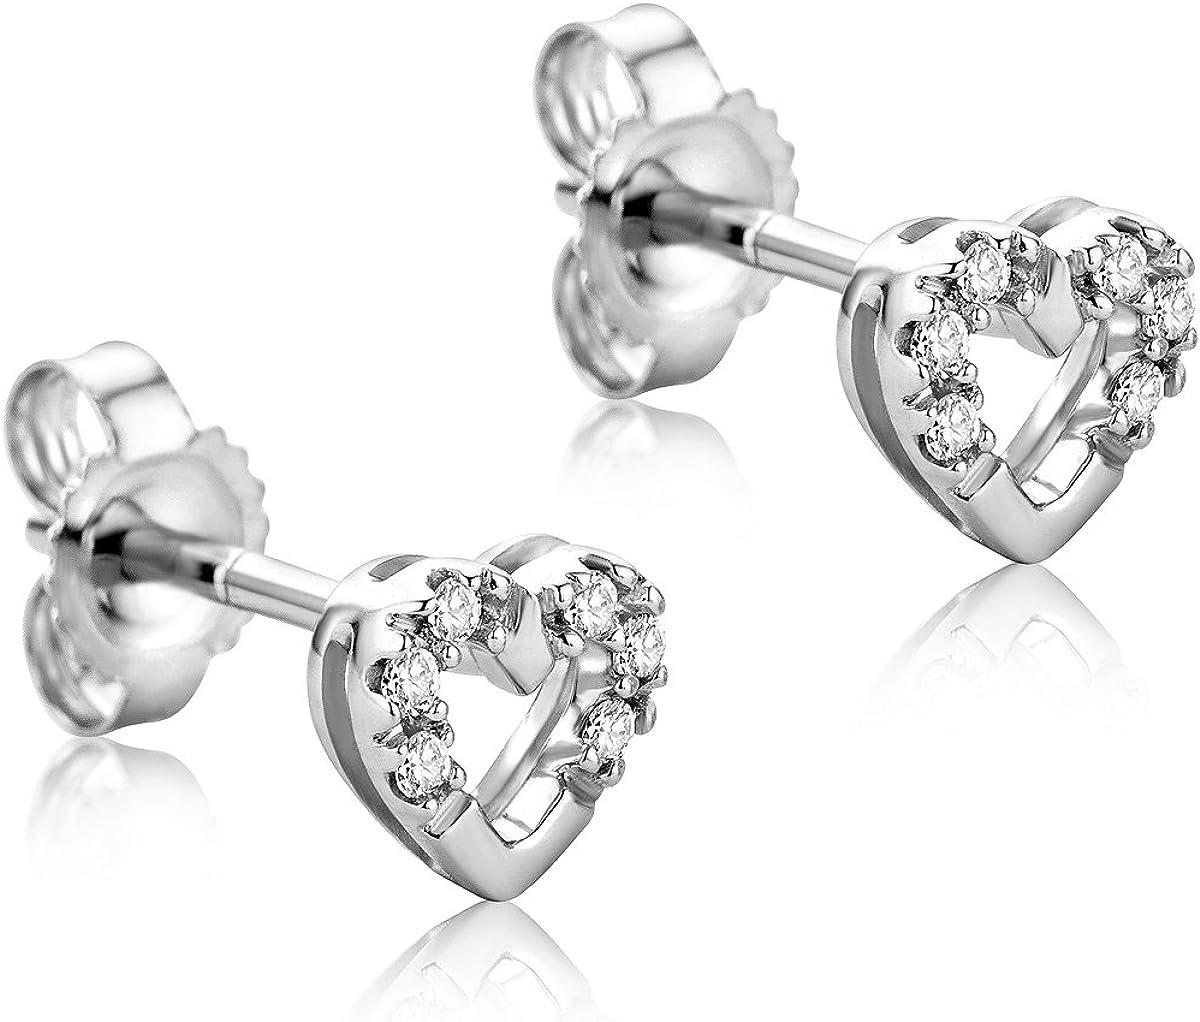 Orovi Pendientes Señora Corazón presión en Oro Blanco con Diamantes Talla Brillante 0.06 ct Oro 9 Kt / 375